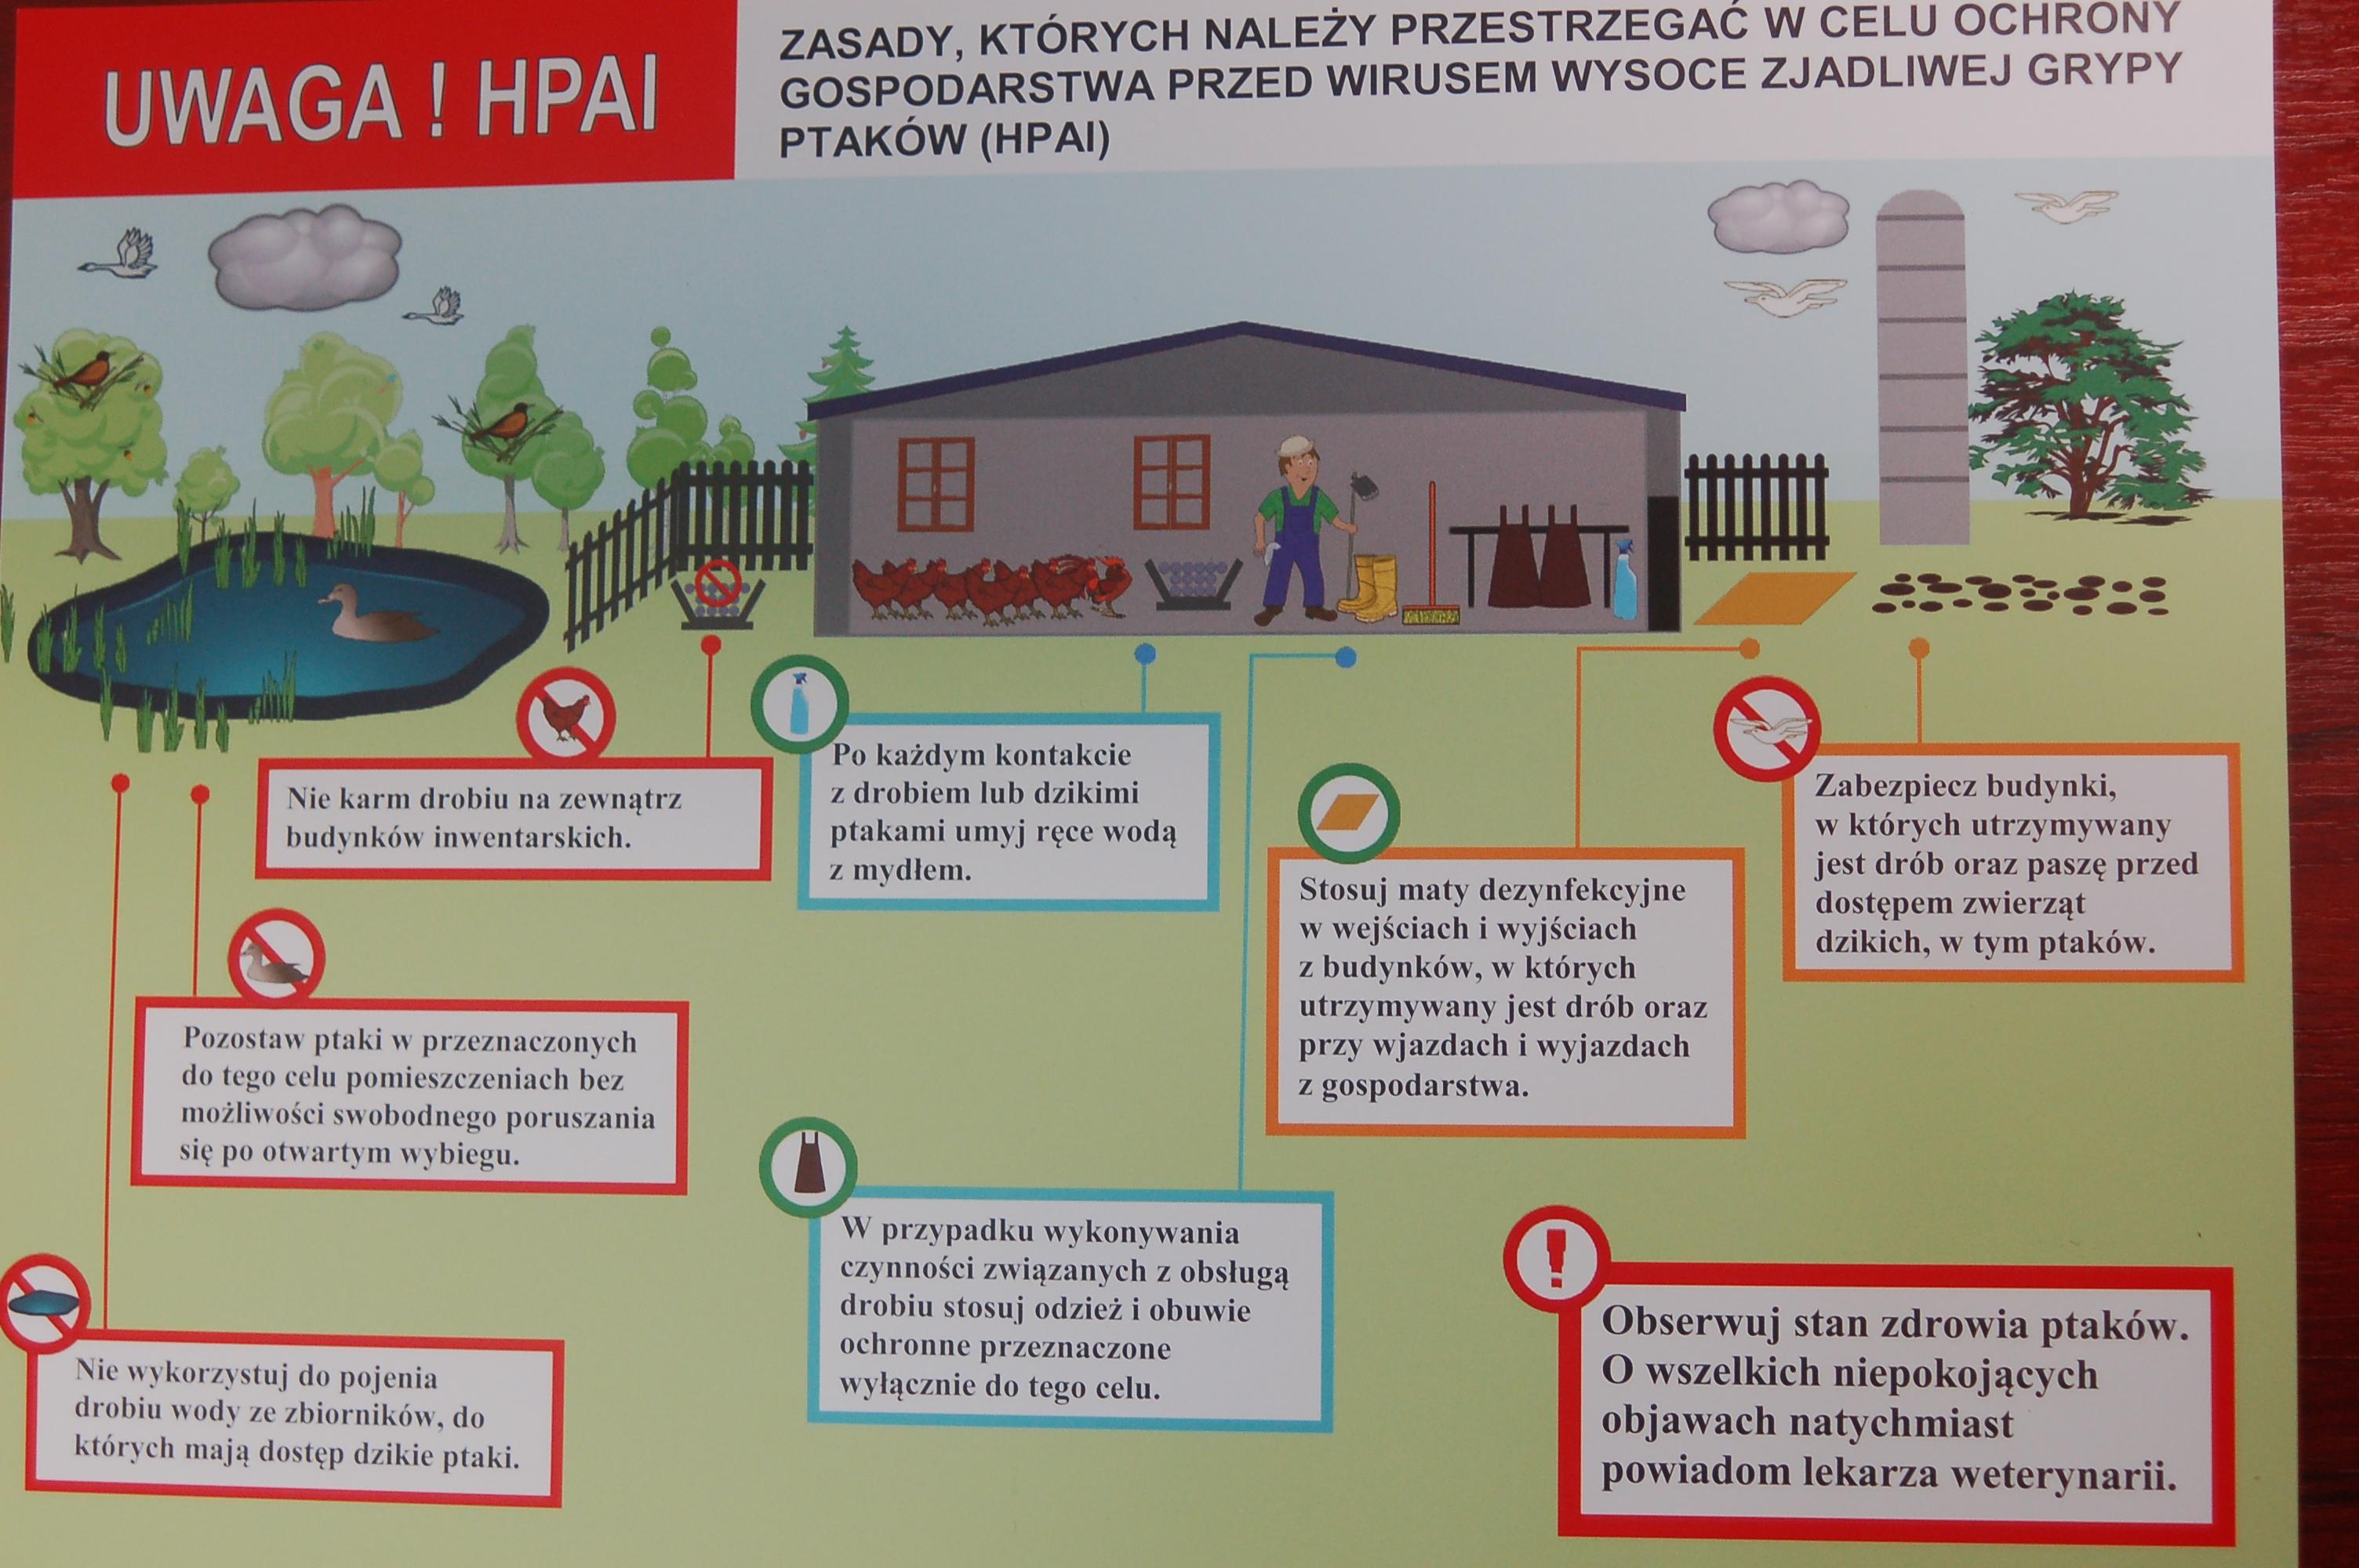 Baner: Ochrony gospodarstwa przed wysoce zjadliwą grypą ptaków (HPAI)